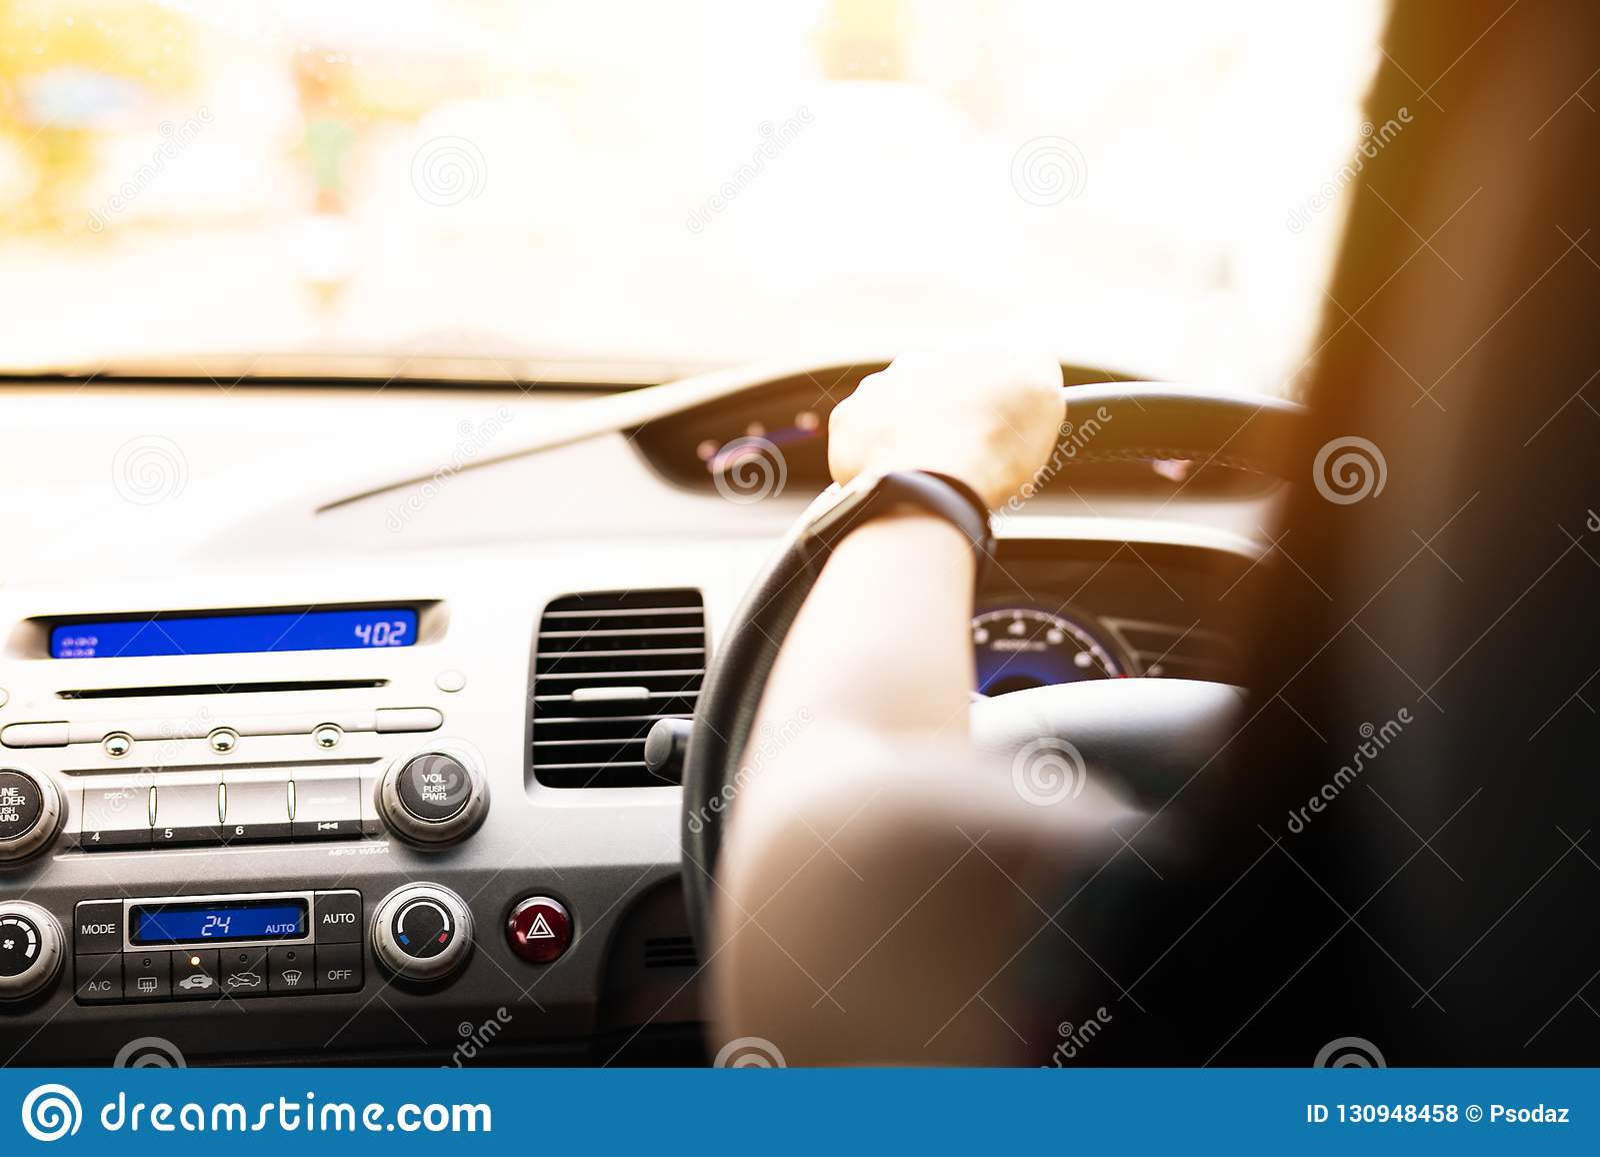 Movimentação, controle de velocidade e distância seguros da segurança na estrada, conduzindo com segurança